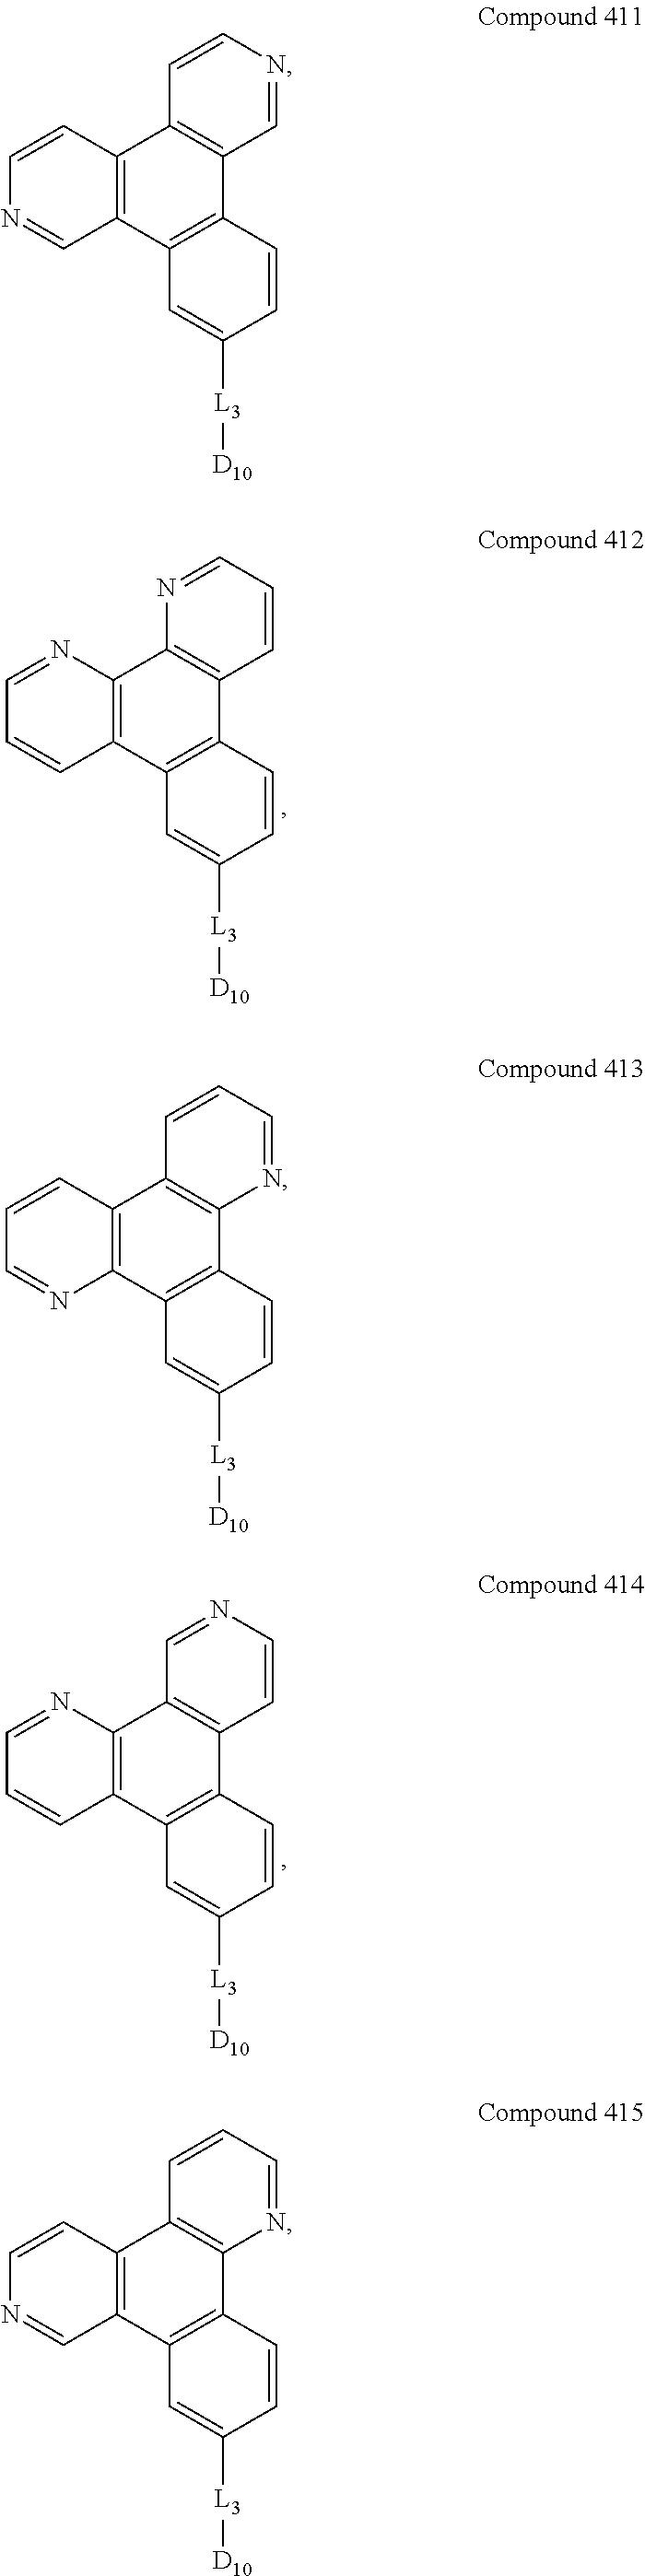 Figure US09537106-20170103-C00238